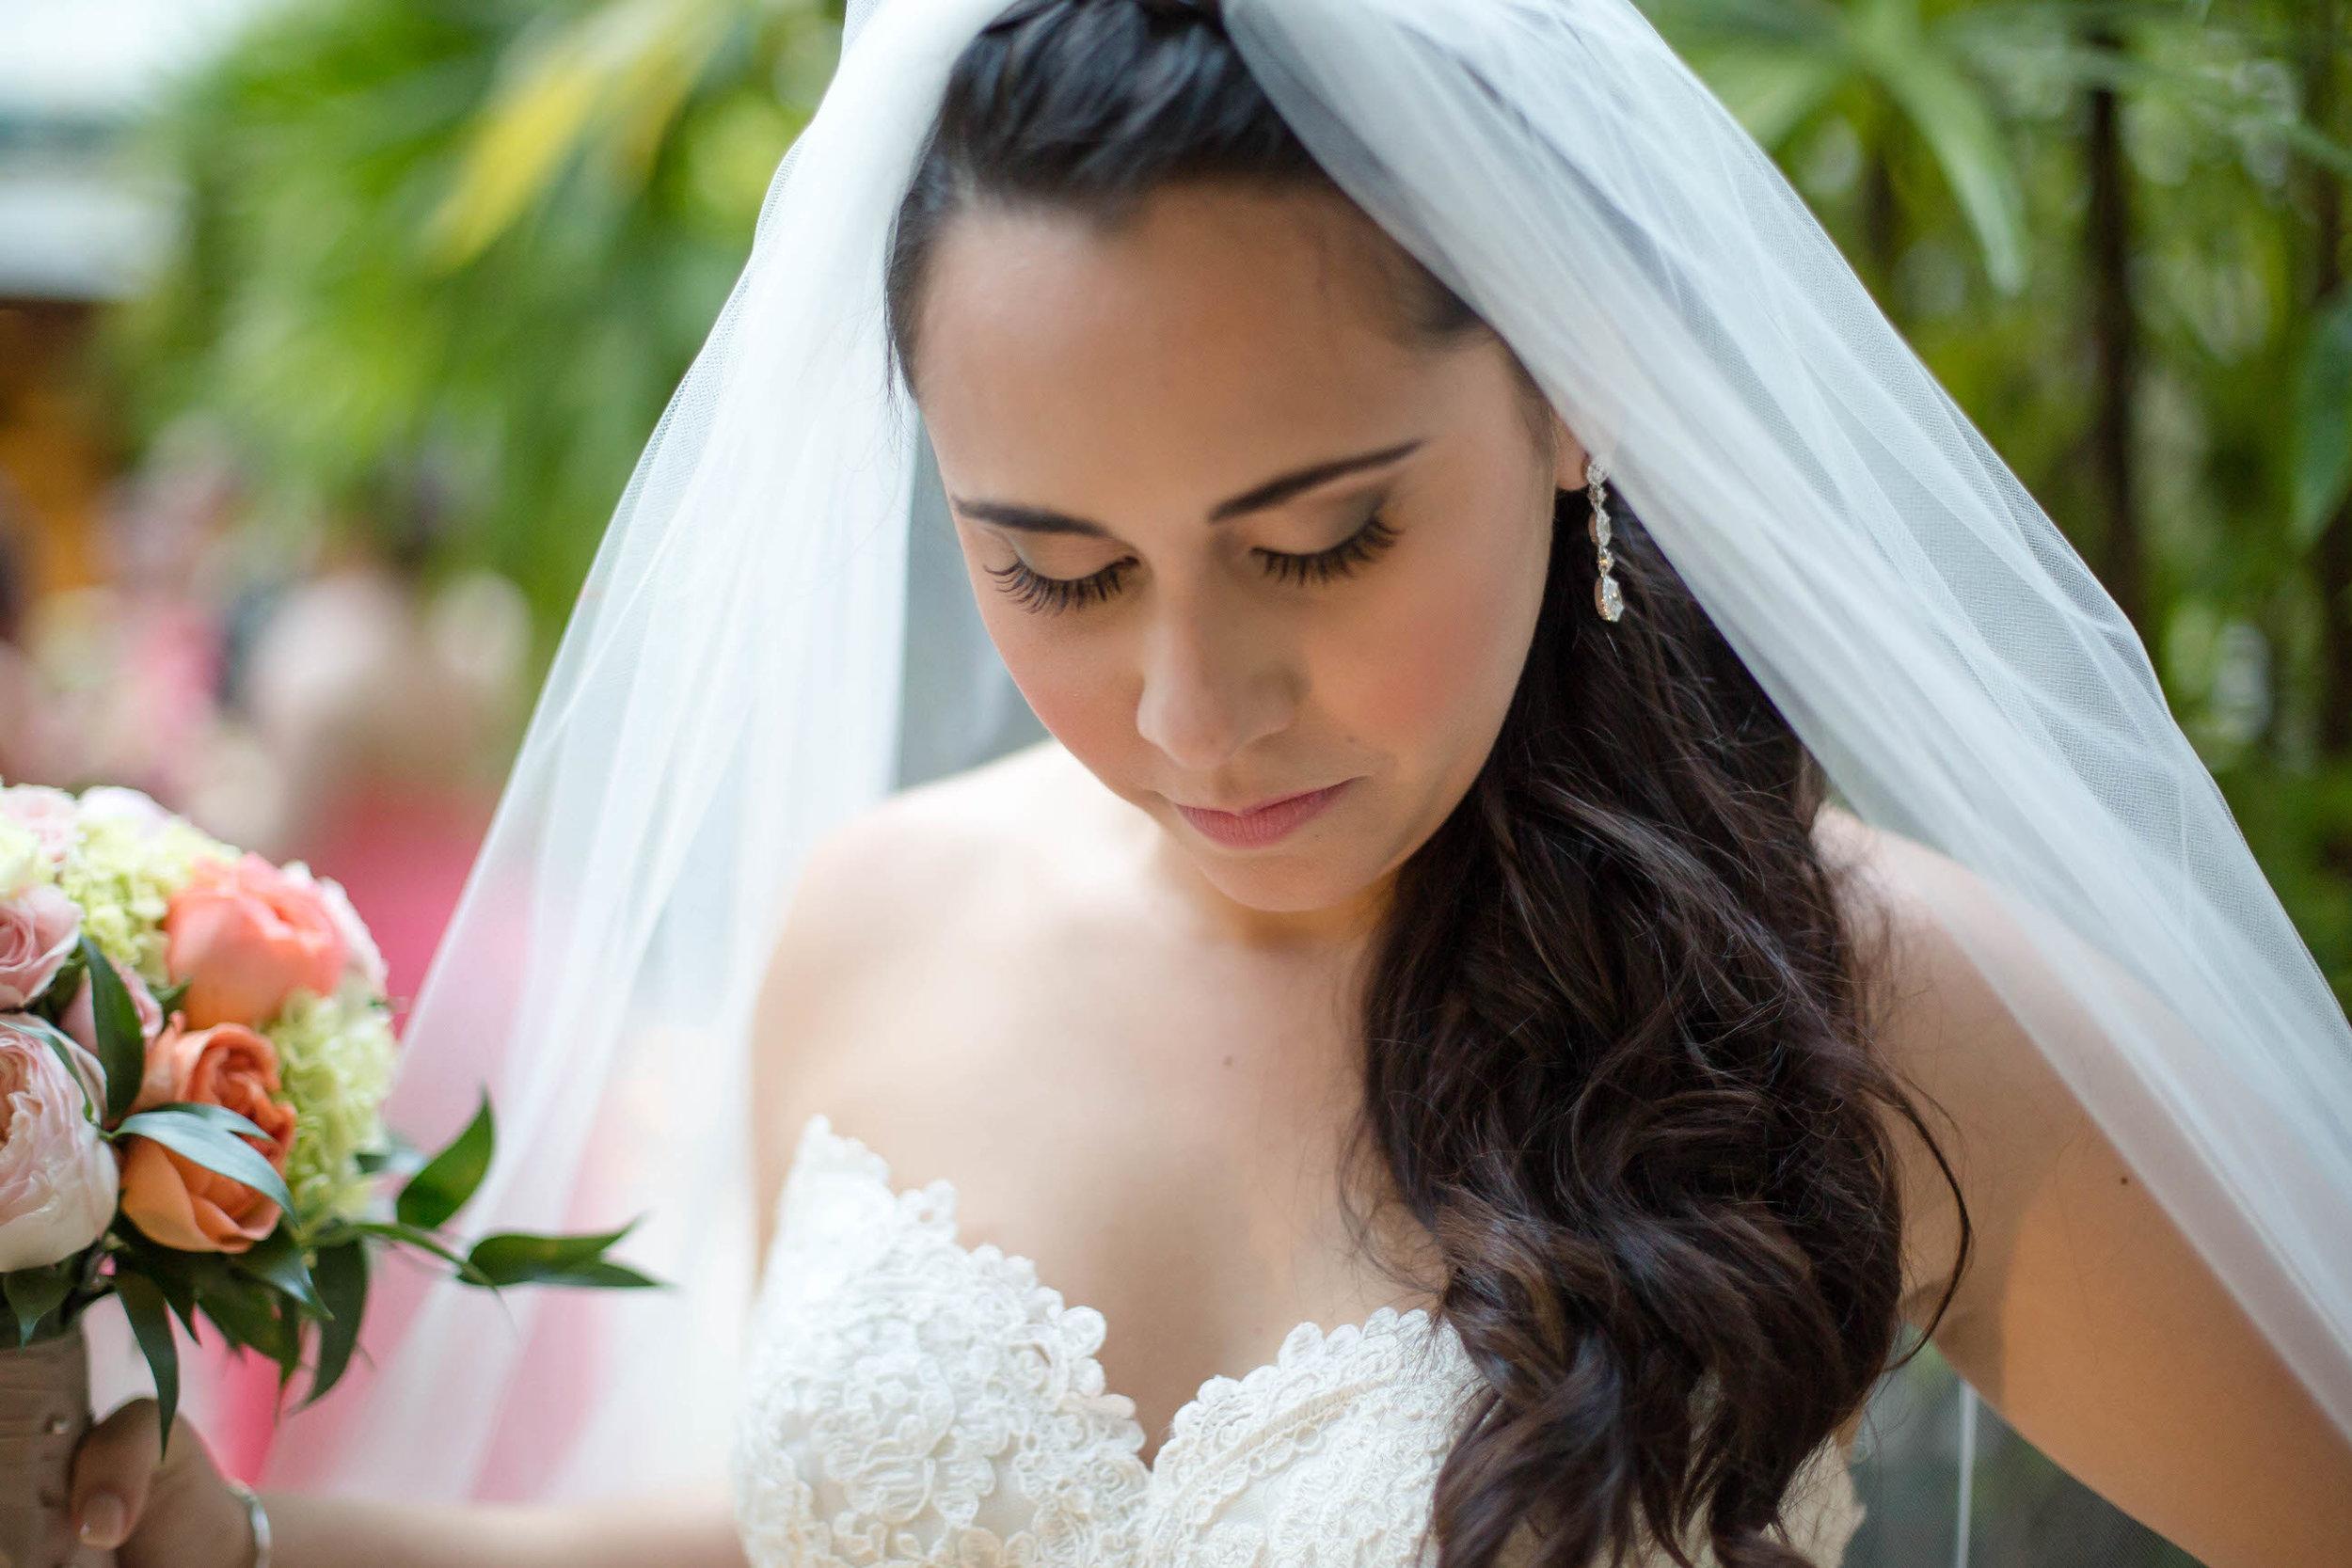 gorgeous-bride-luxury-wedding-photographer-miami-tiny-house-photo.jpg